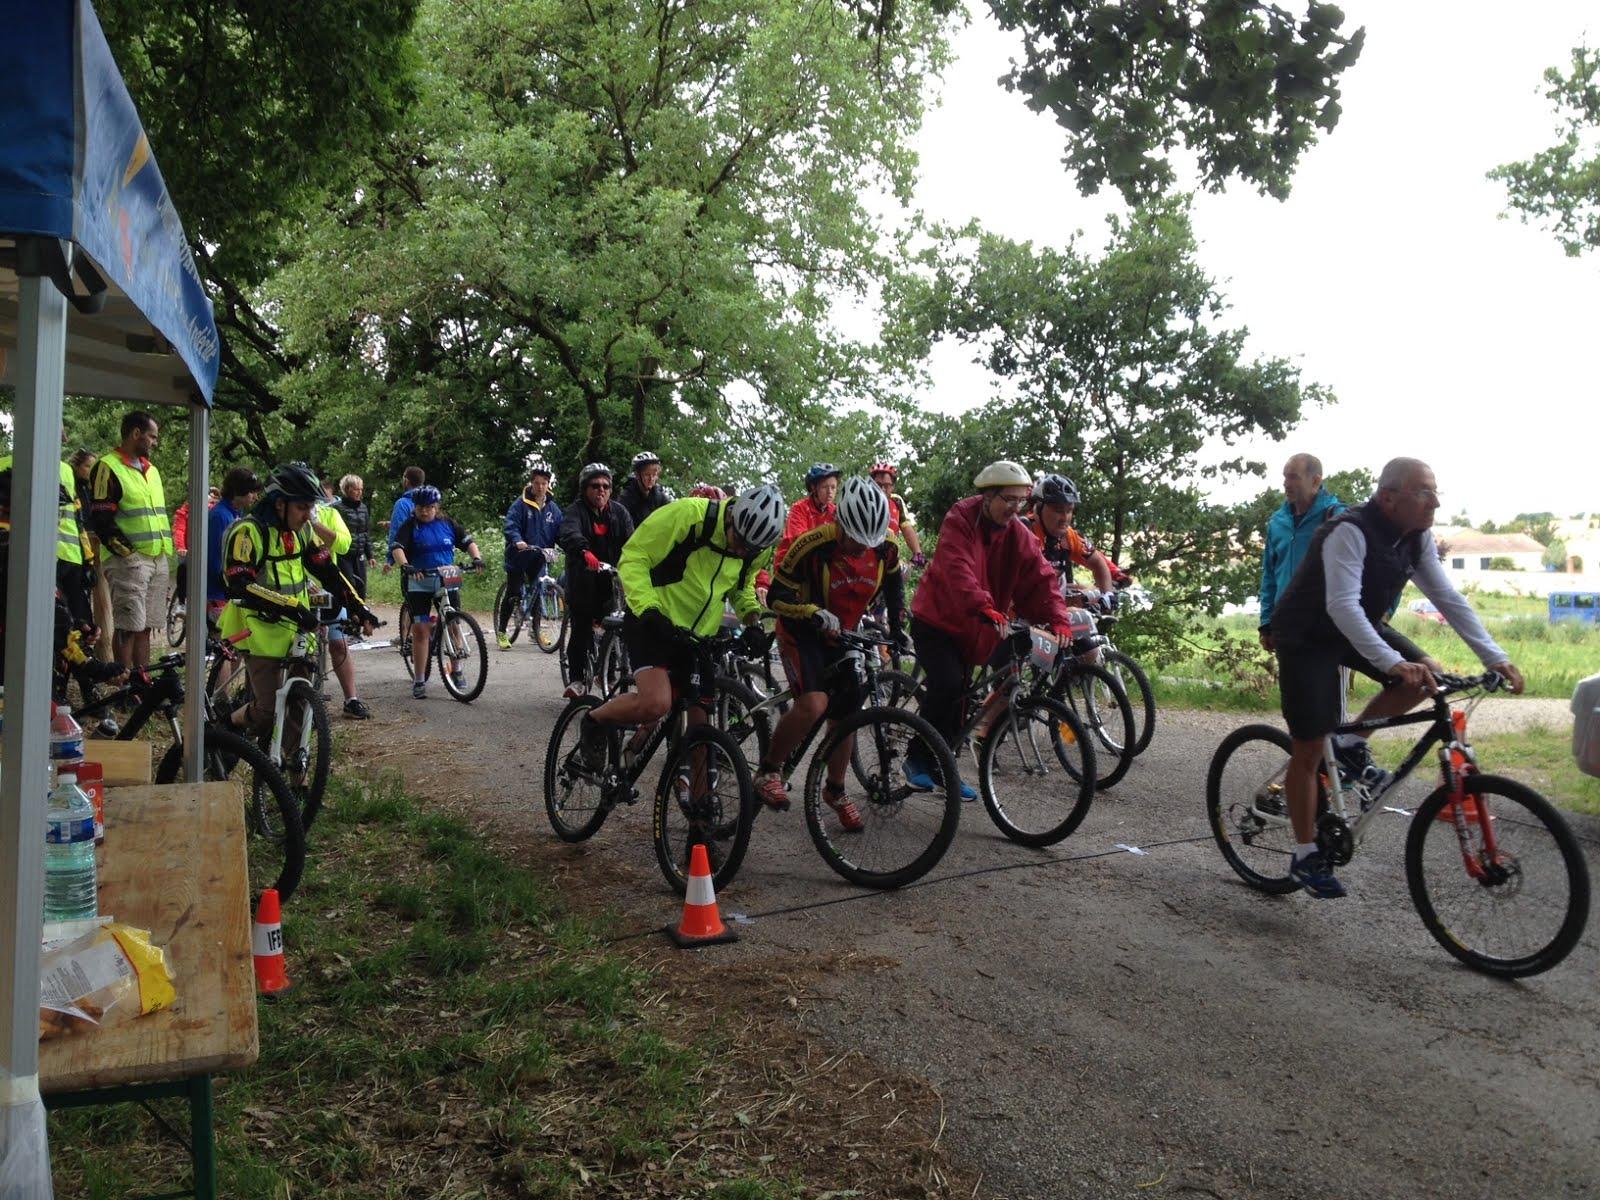 Championnat de Sport Adapté Rhone Alpes , 22 participants entre D1, D2 et D3, Une belle compétition